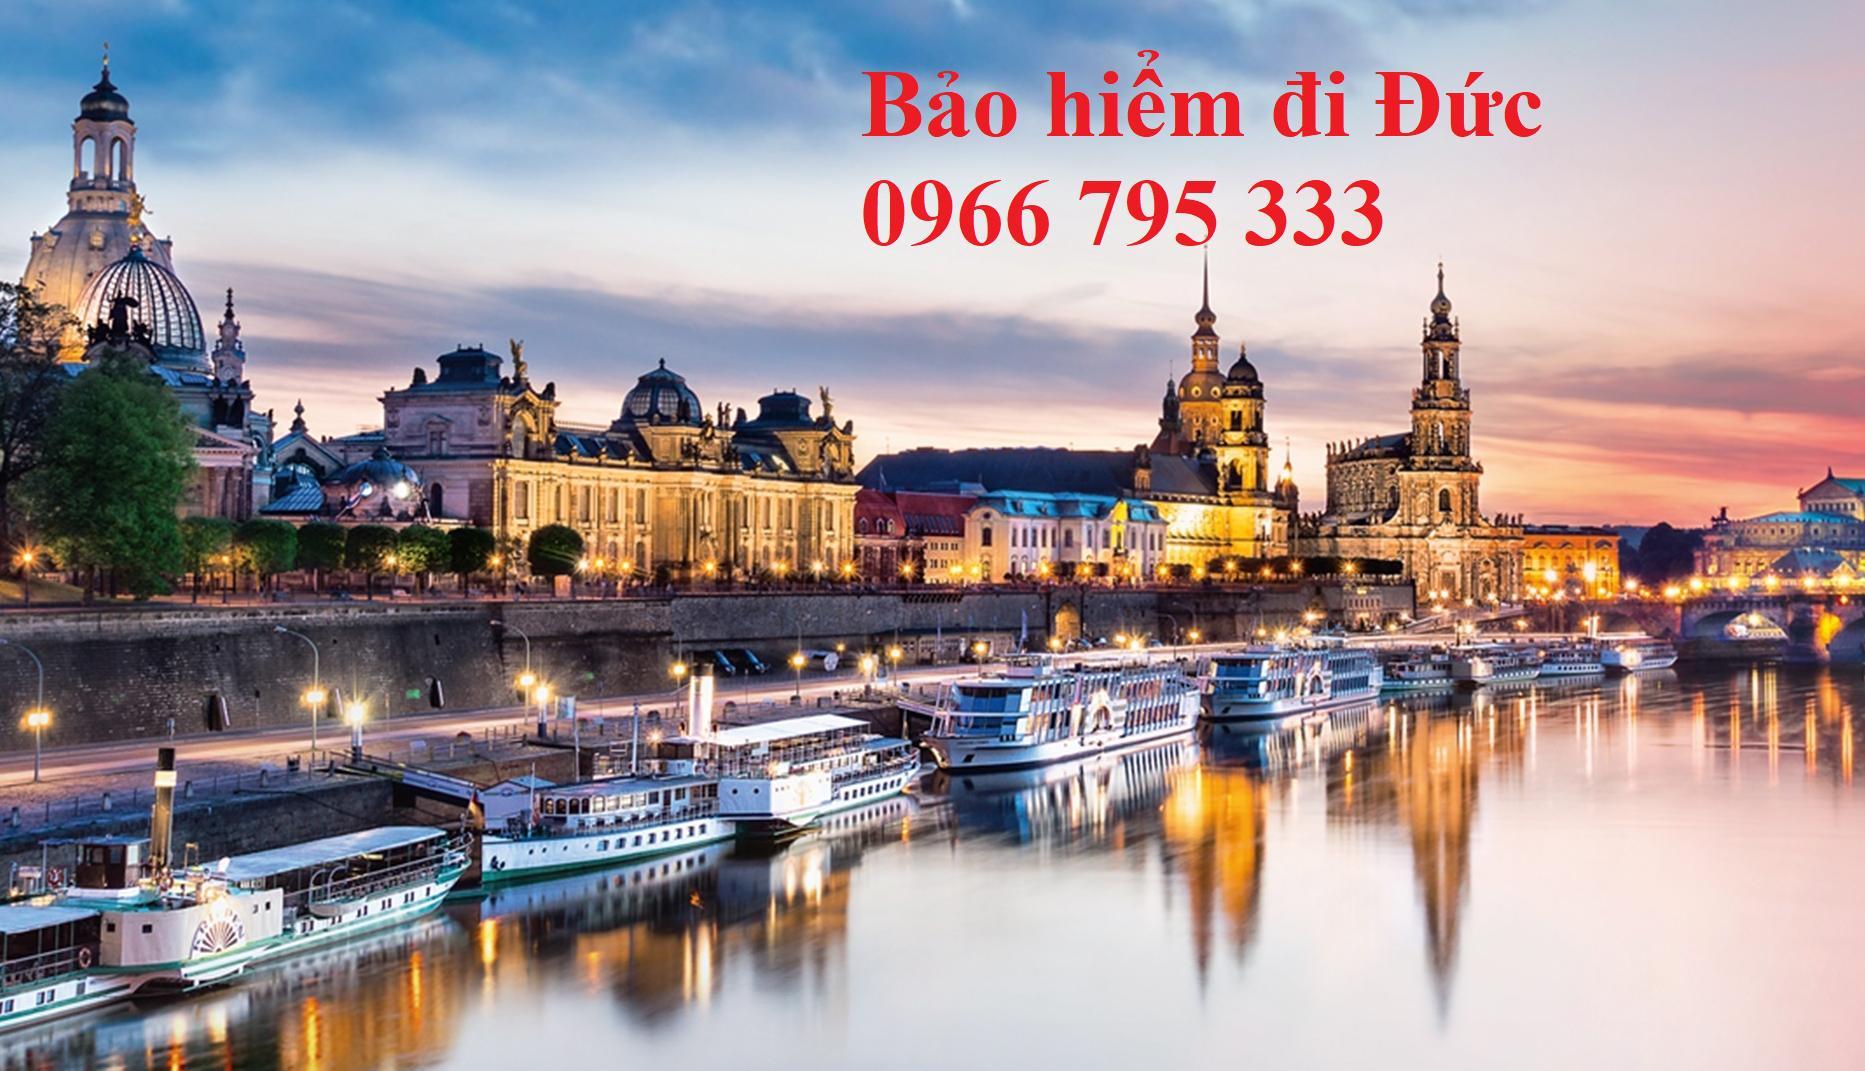 bảo hiểm đi Đức tại Bảo Hiểm Bảo Việt